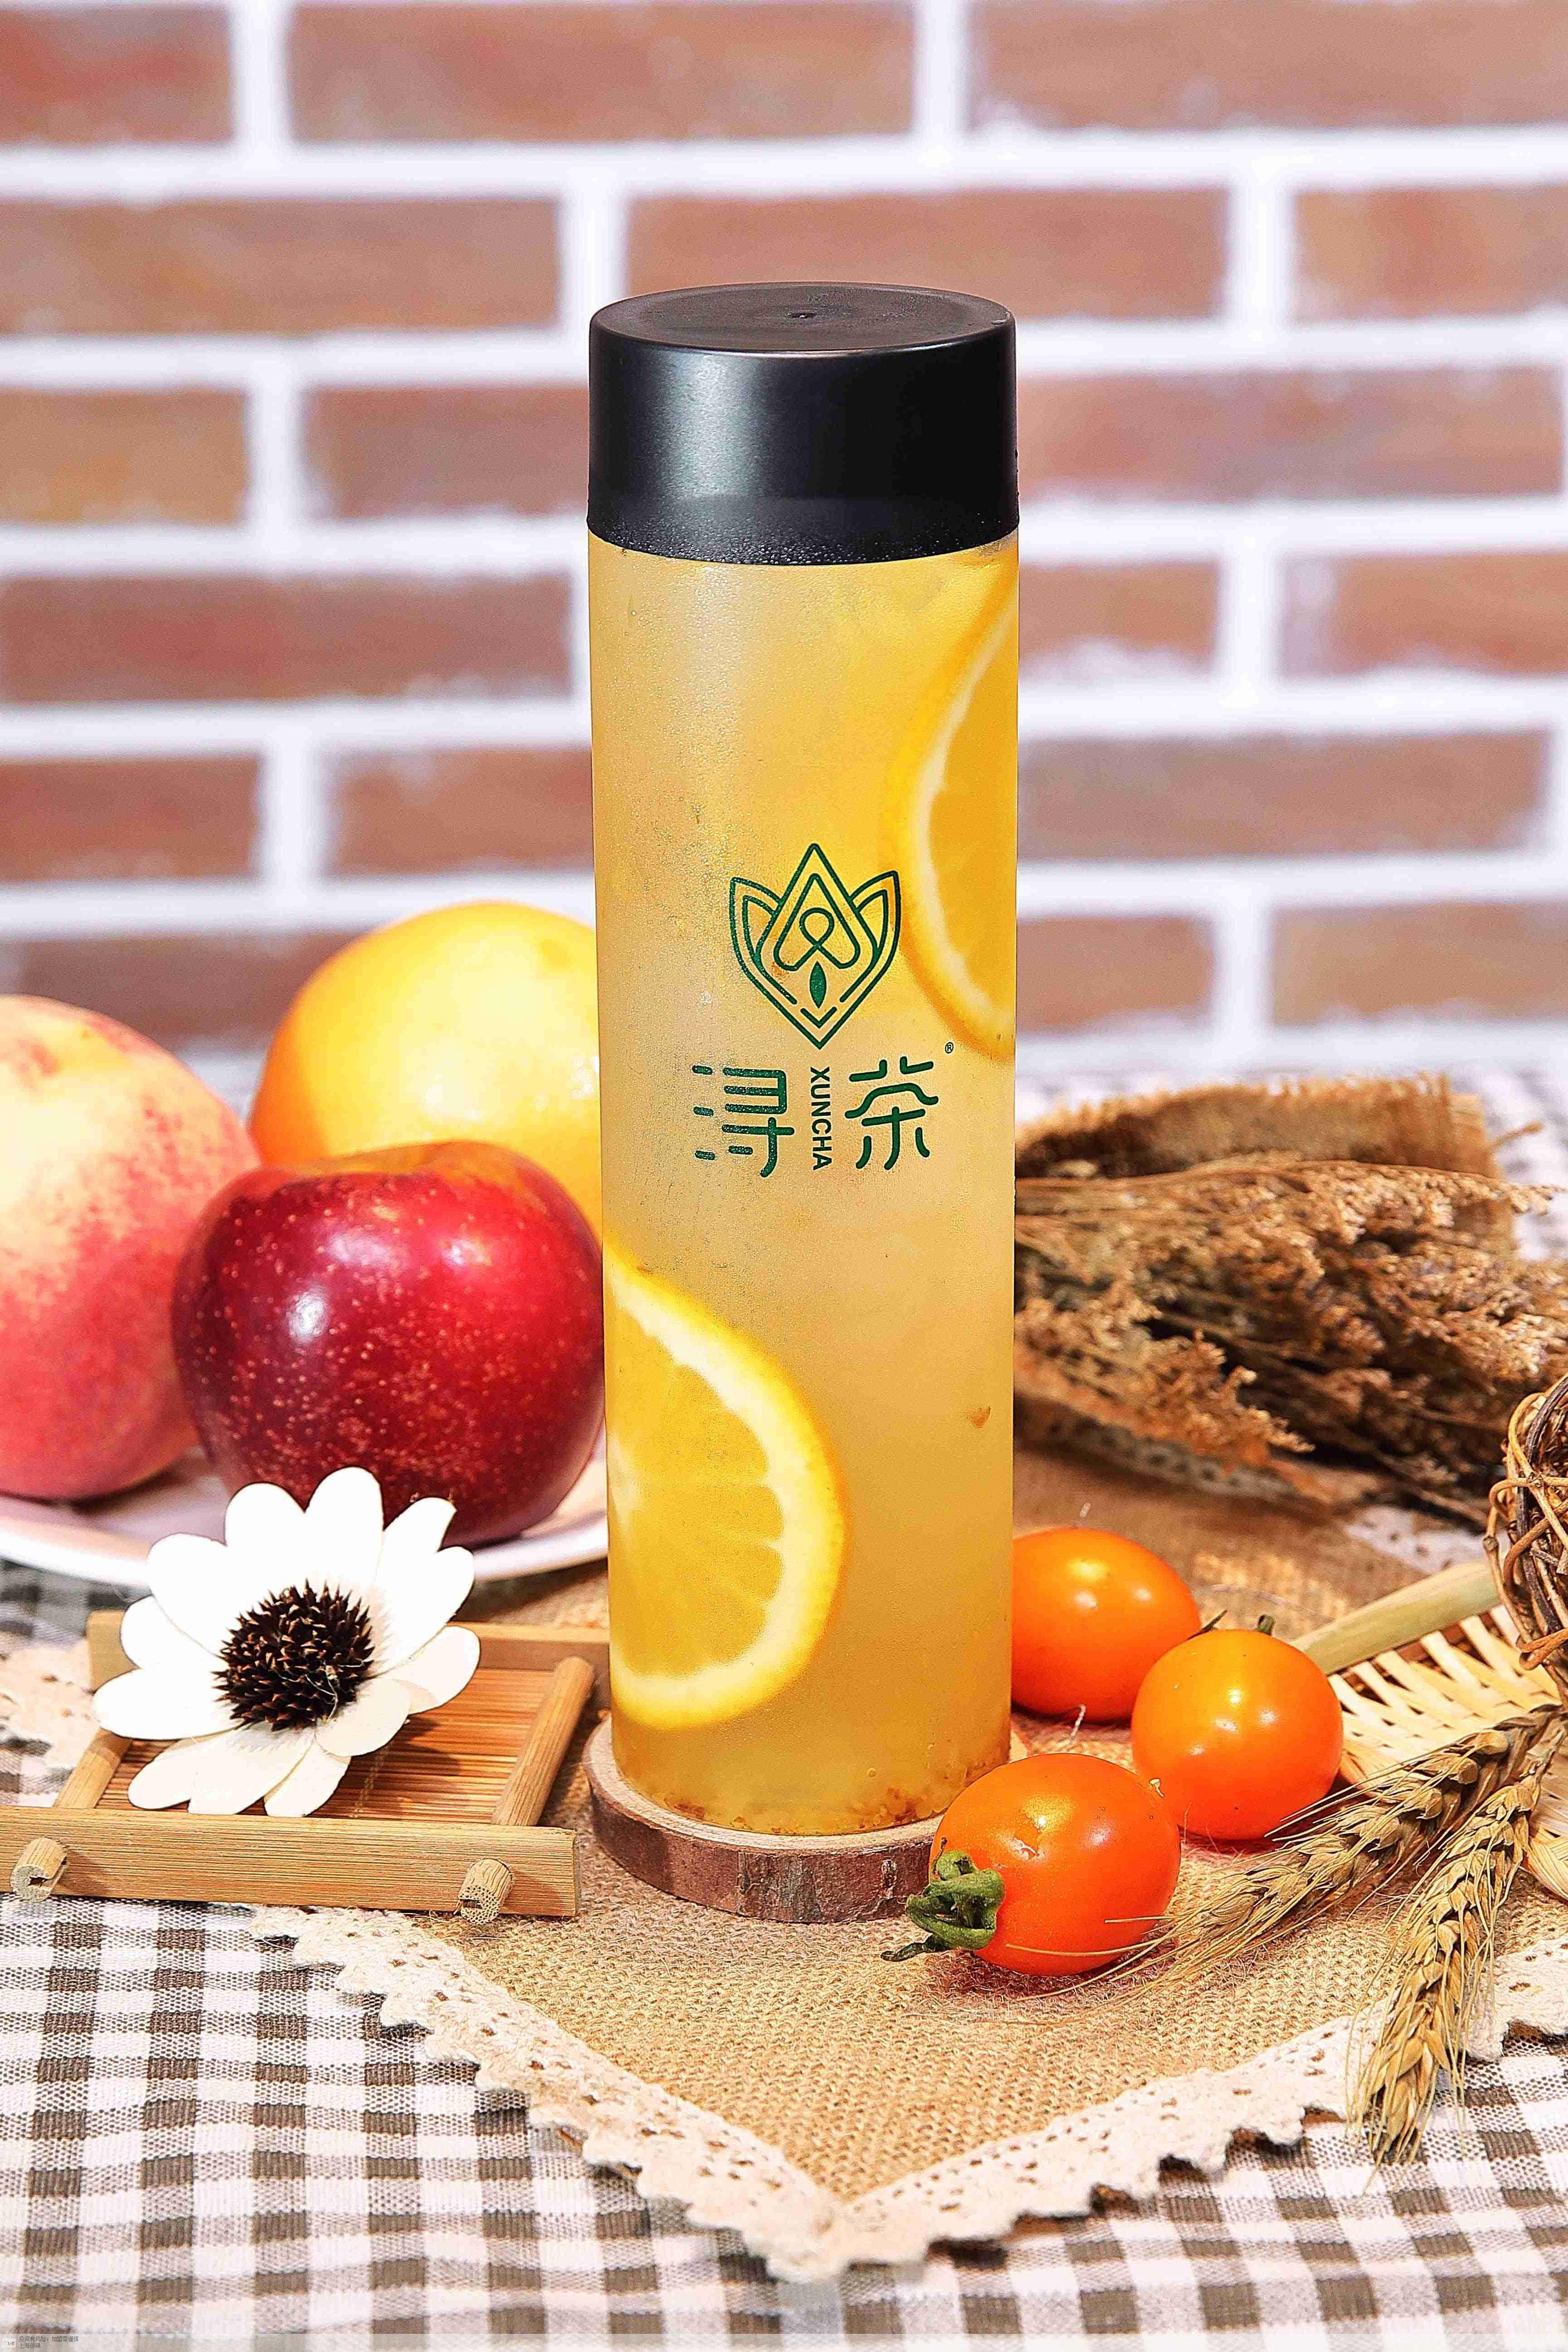 安徽快乐柠檬奶茶,奶茶